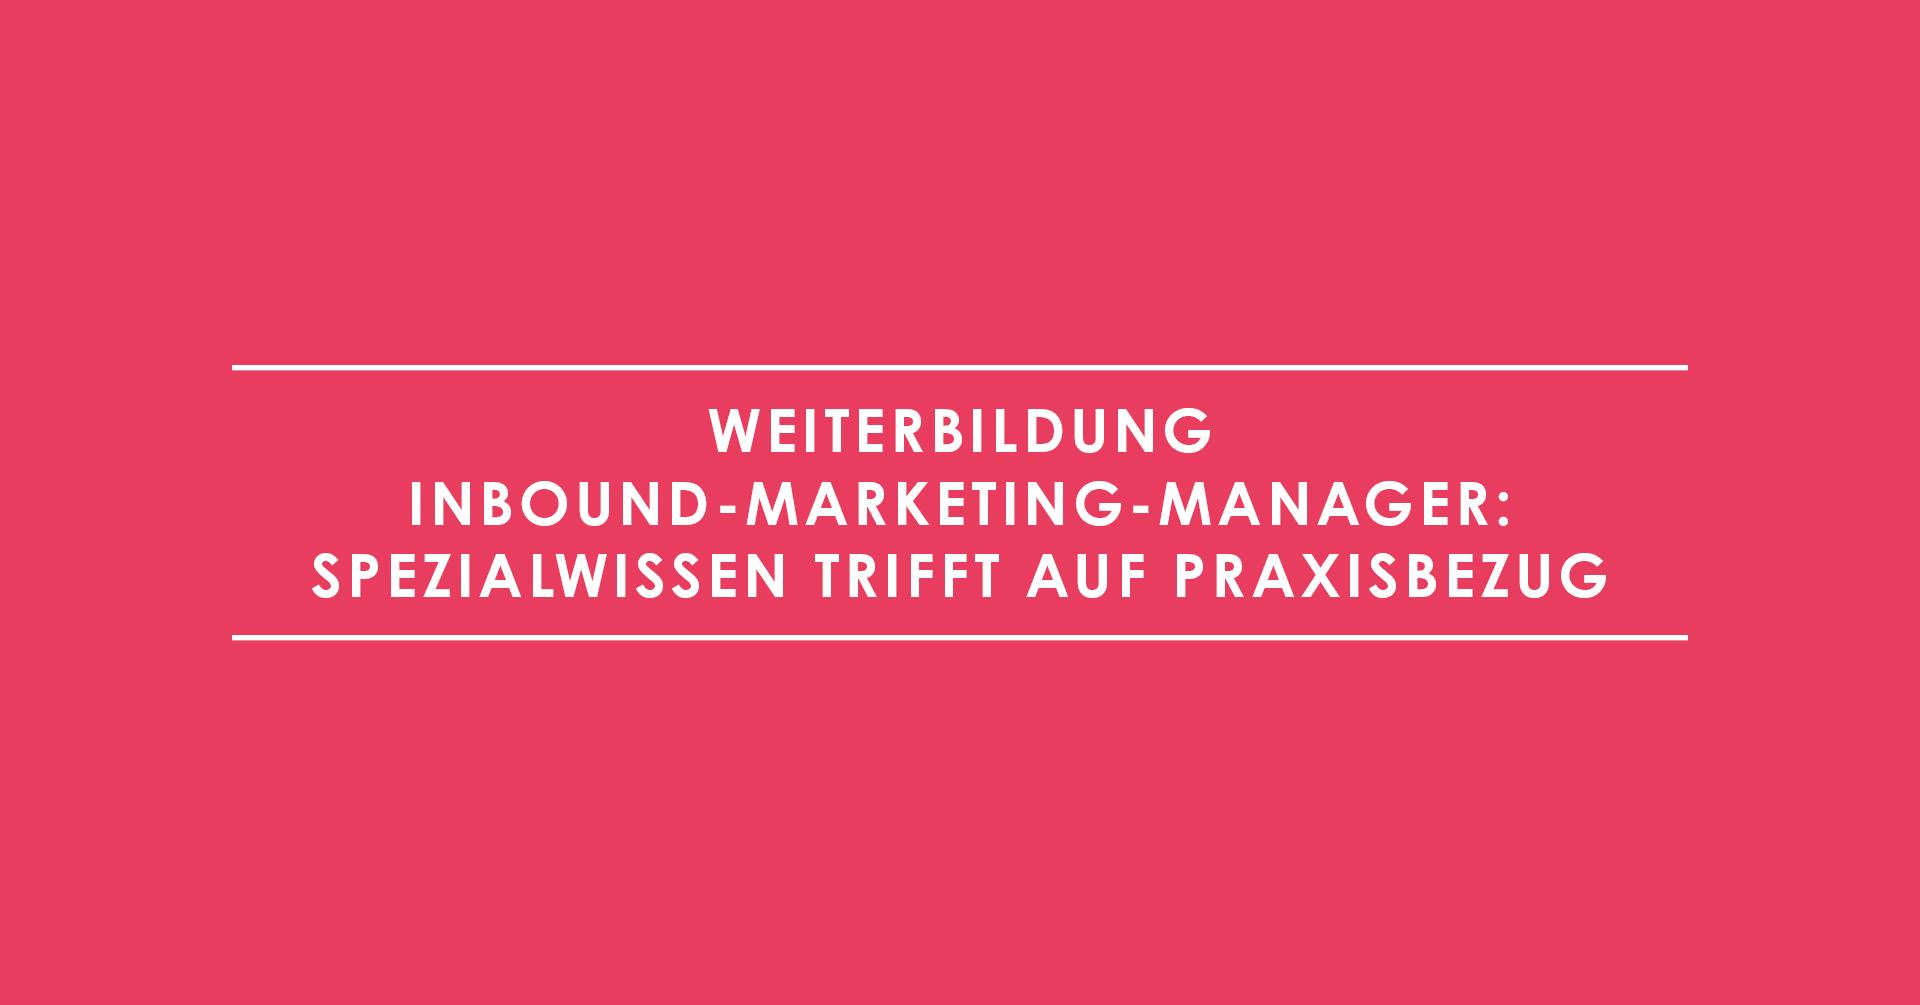 Weiterbildung Inbound-Marketing-Manager: Spezialwissen trifft auf Praxisbezug